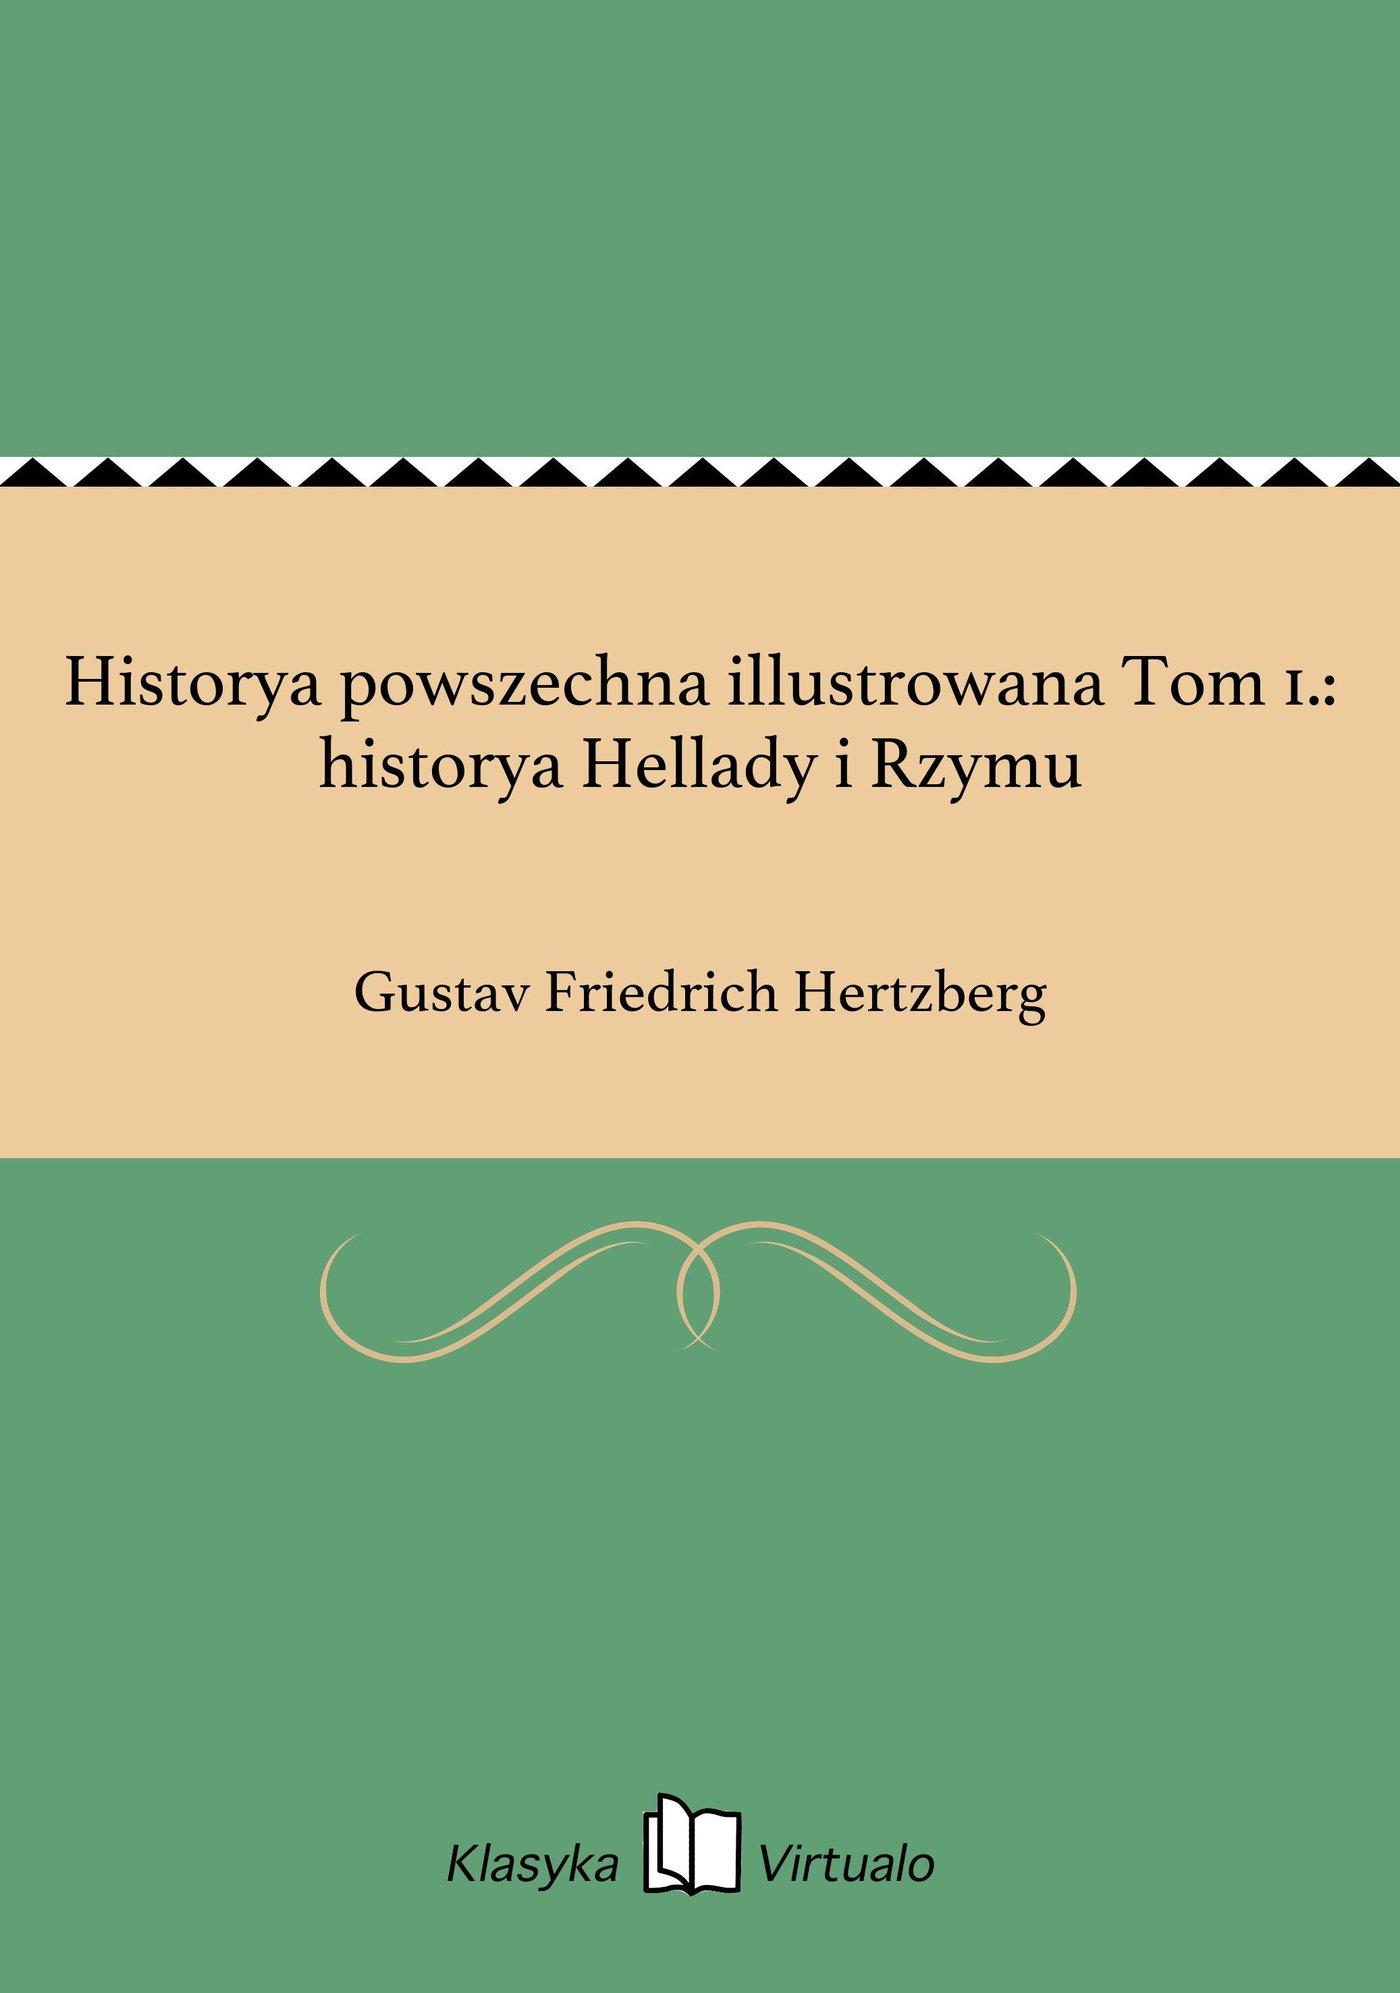 Historya powszechna illustrowana Tom 1.: historya Hellady i Rzymu - Ebook (Książka EPUB) do pobrania w formacie EPUB